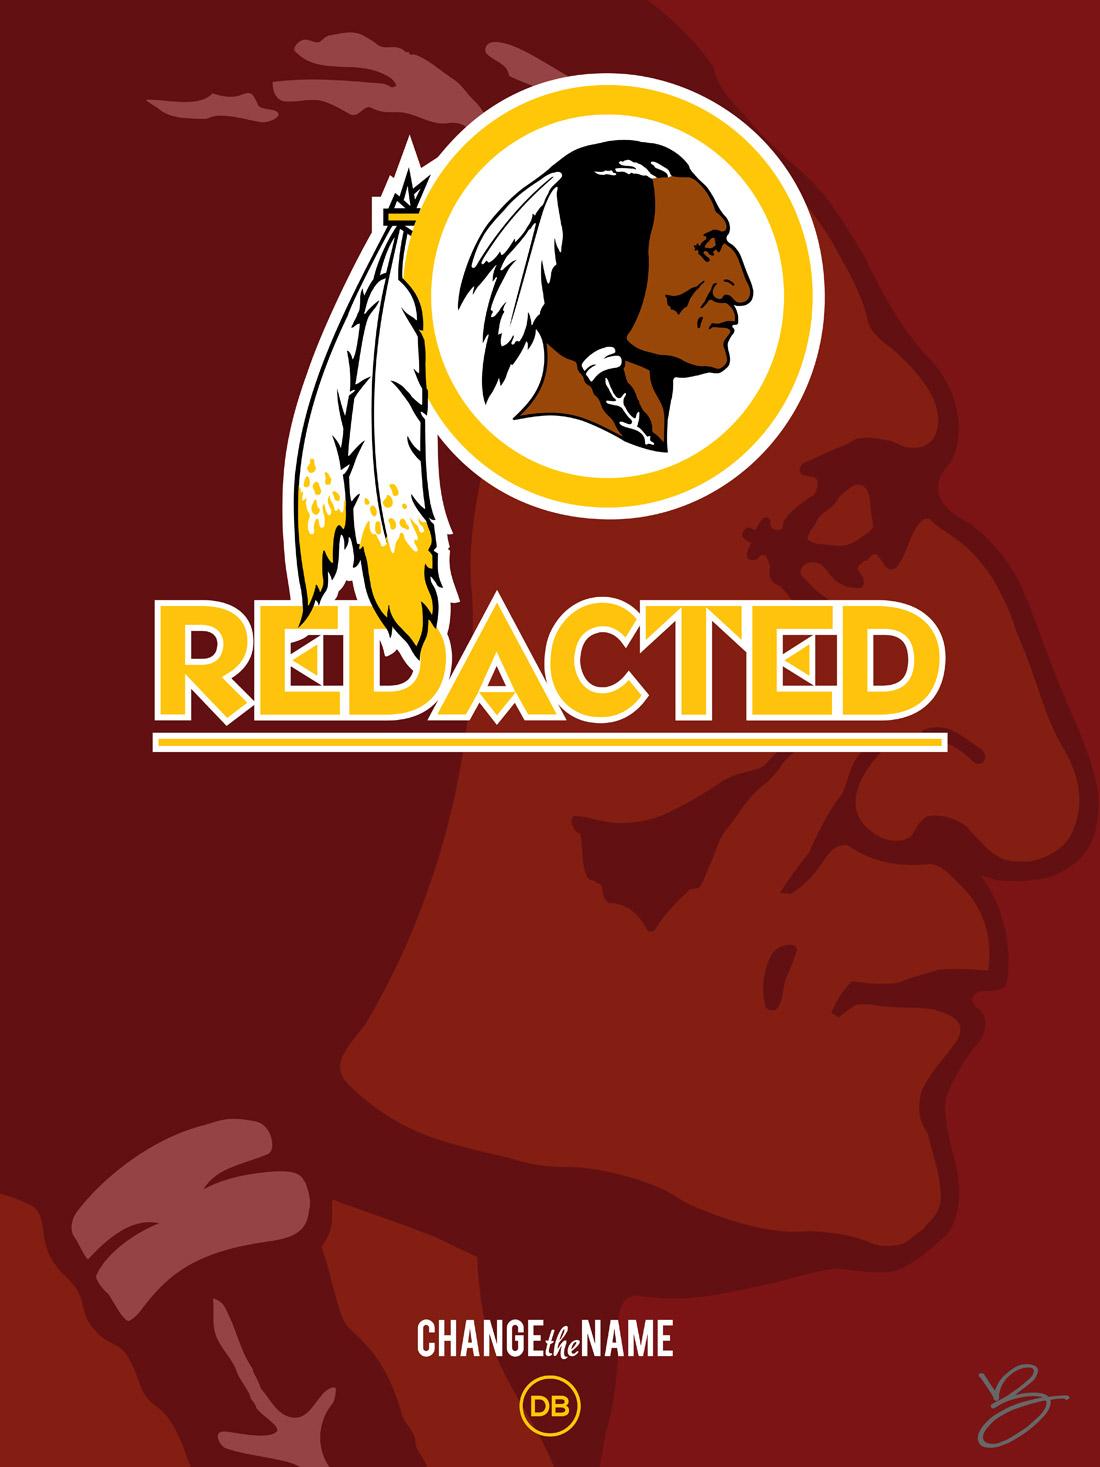 David Bernie Redacted Indian Country 52 Week 33